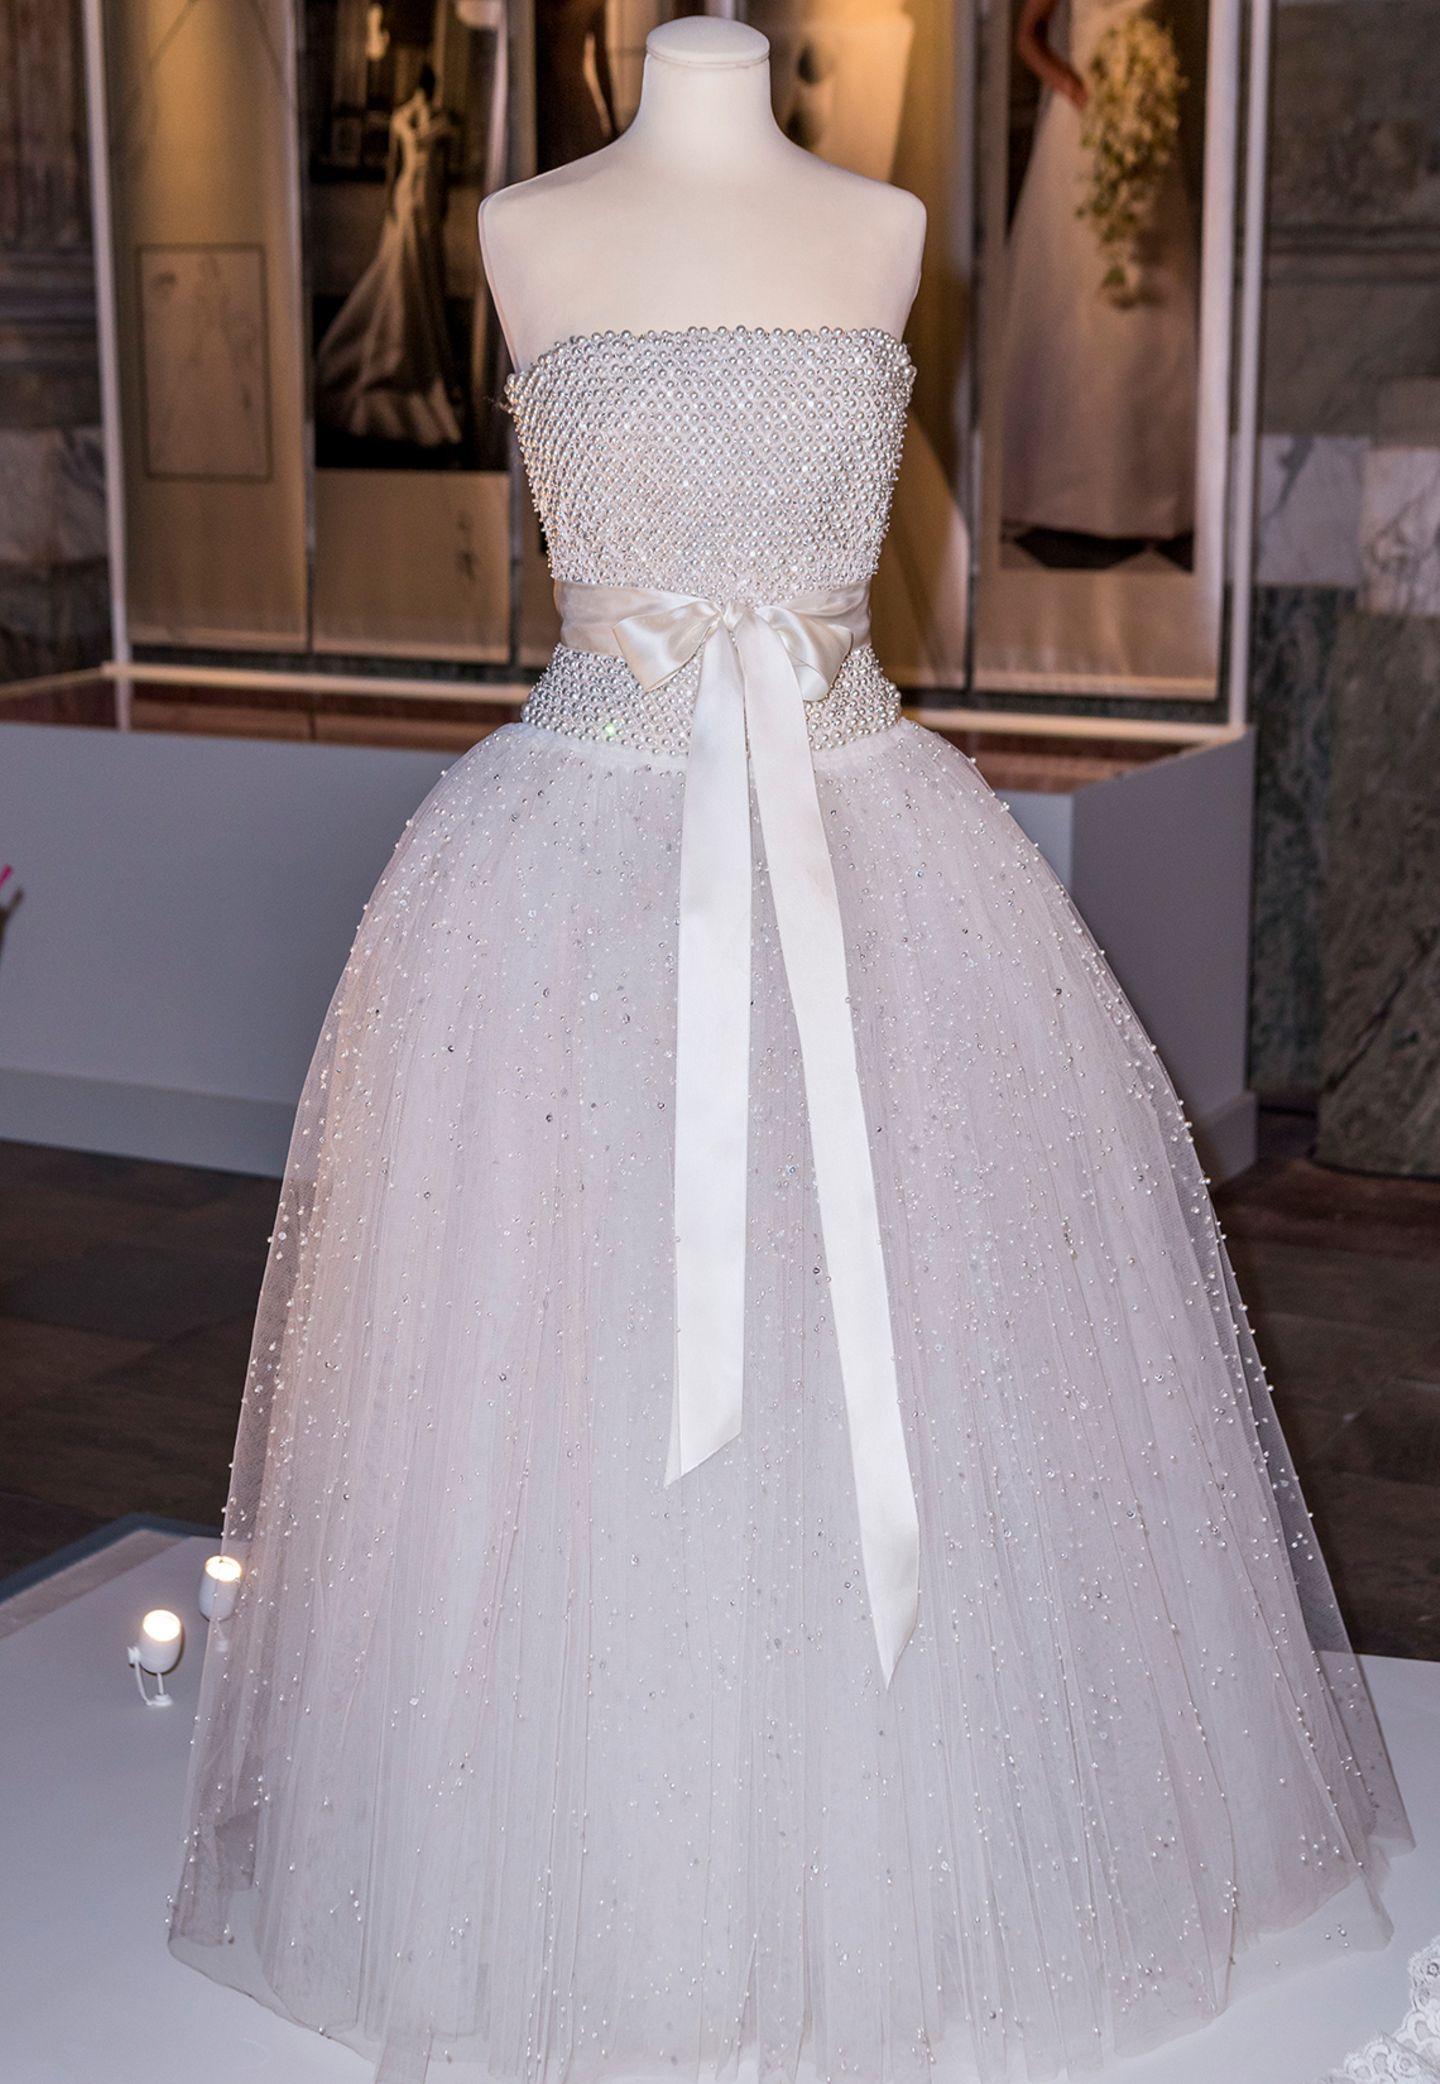 Dieses Kleid trug Prinzessin Madeleine von Schweden bei der Party nach ihrer Hochzeit am 8. Juni 2013